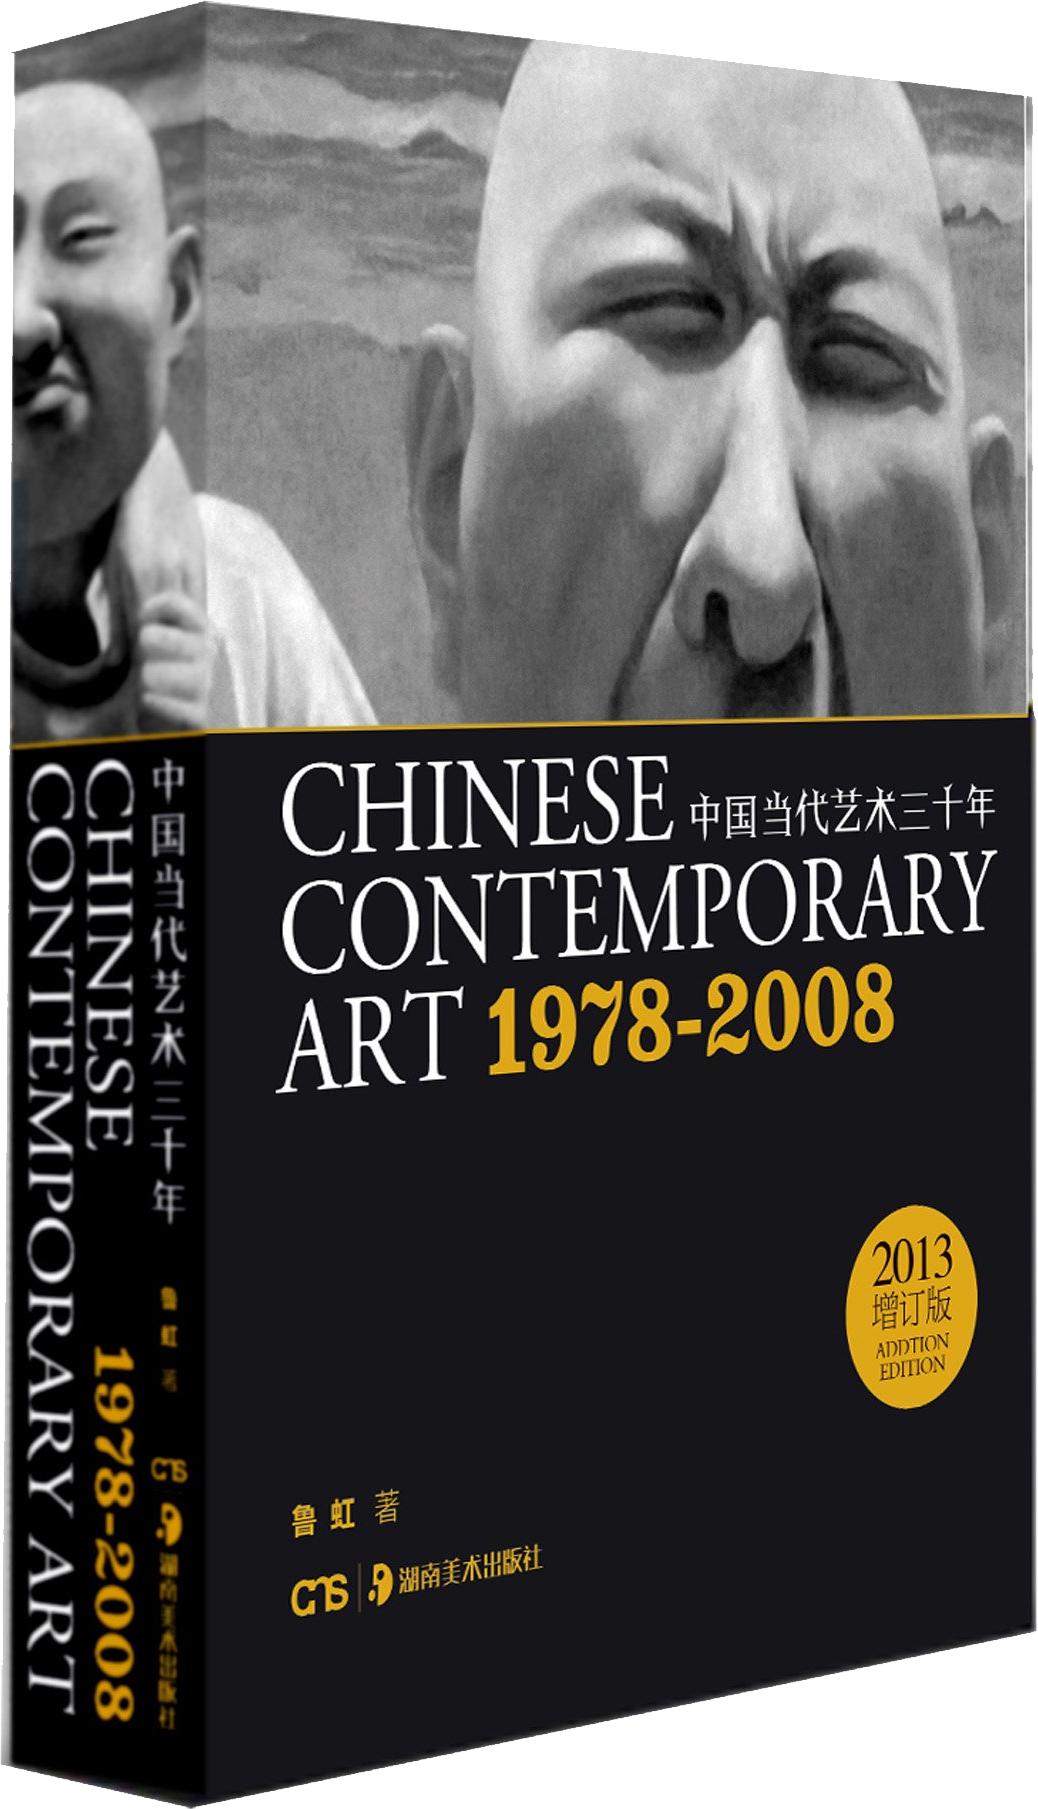 IZO-a-bookCHINESE-CONTEMPORARY-ART-HISTR